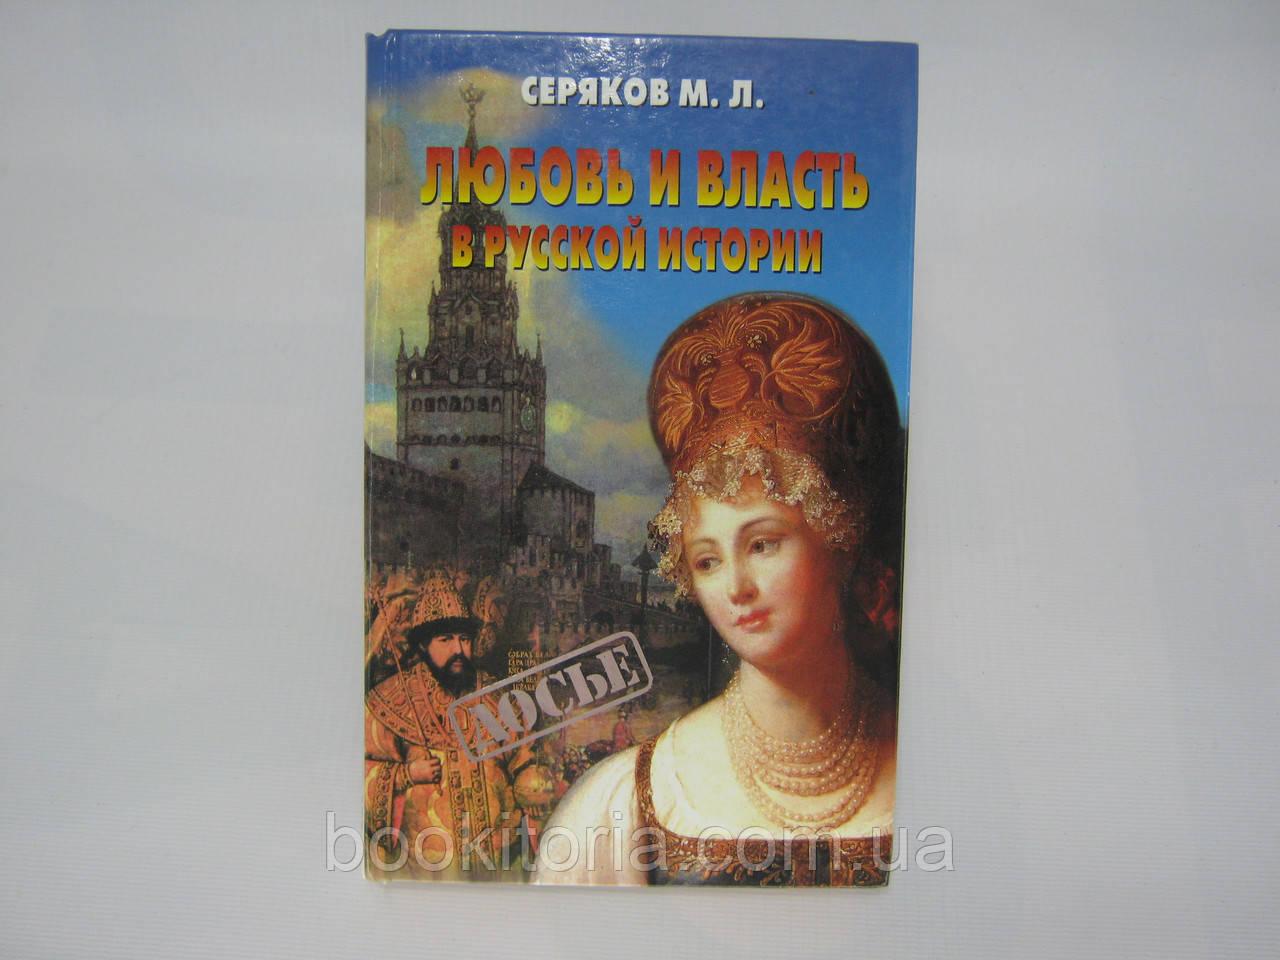 Серяков М.Л. Любовь и власть в русской истории (б/у).